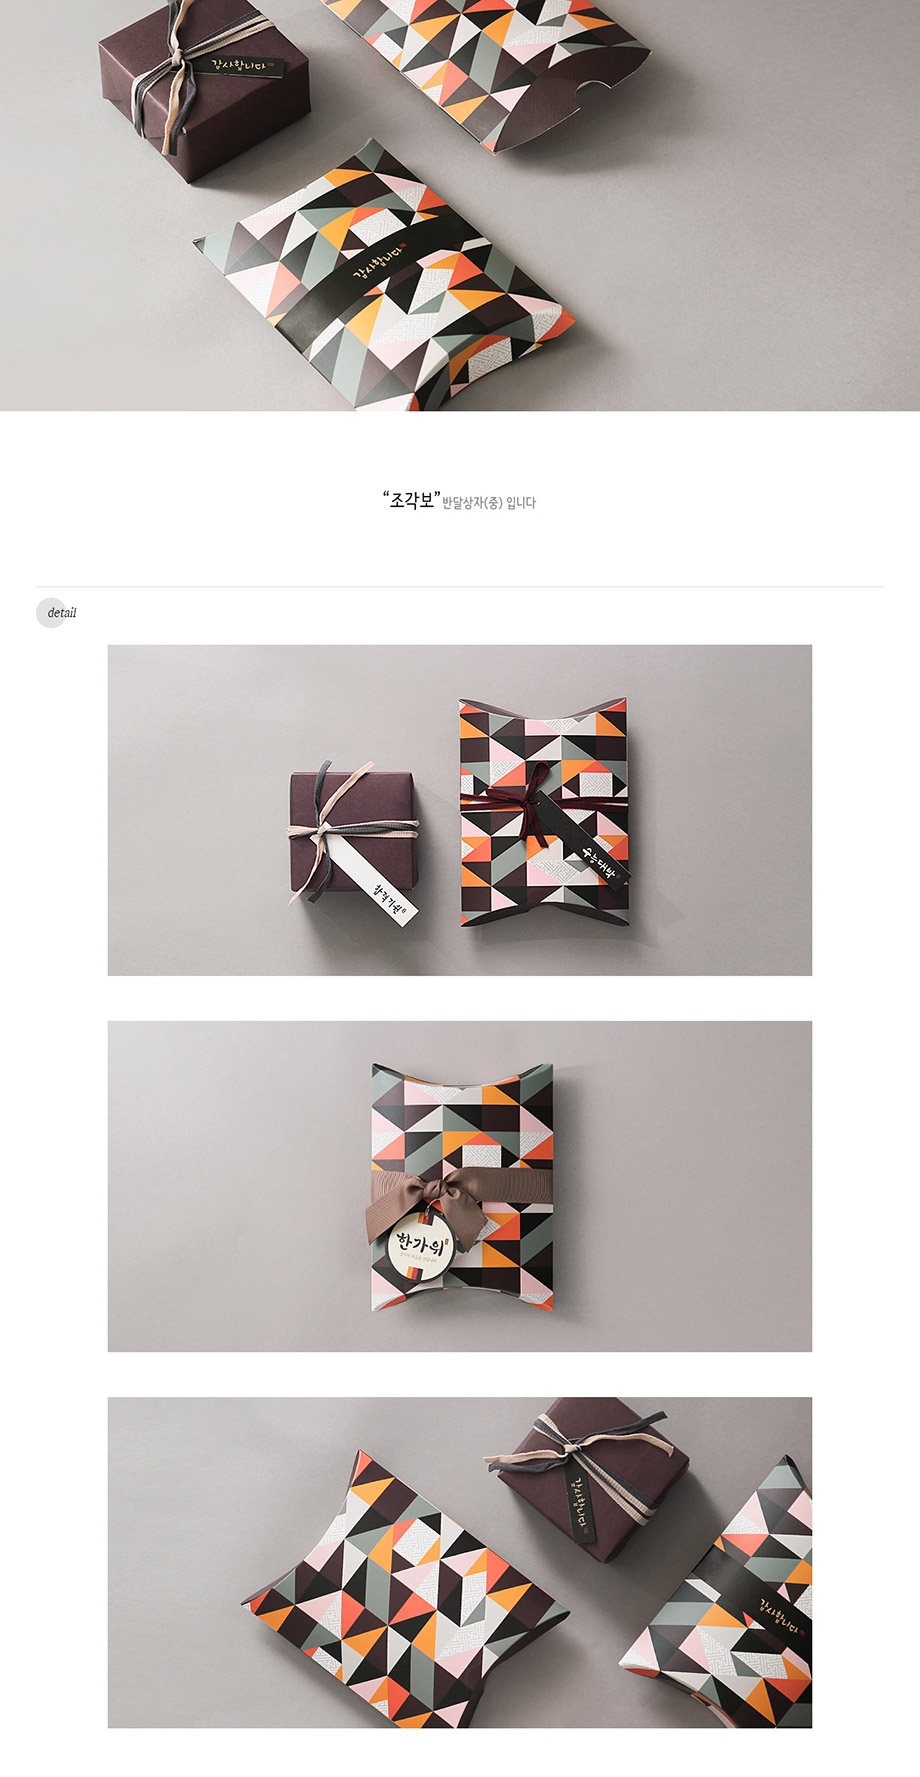 조각보 반달상자M(3개) - 헬로우모리스, 1,950원, 상자/케이스, 패턴